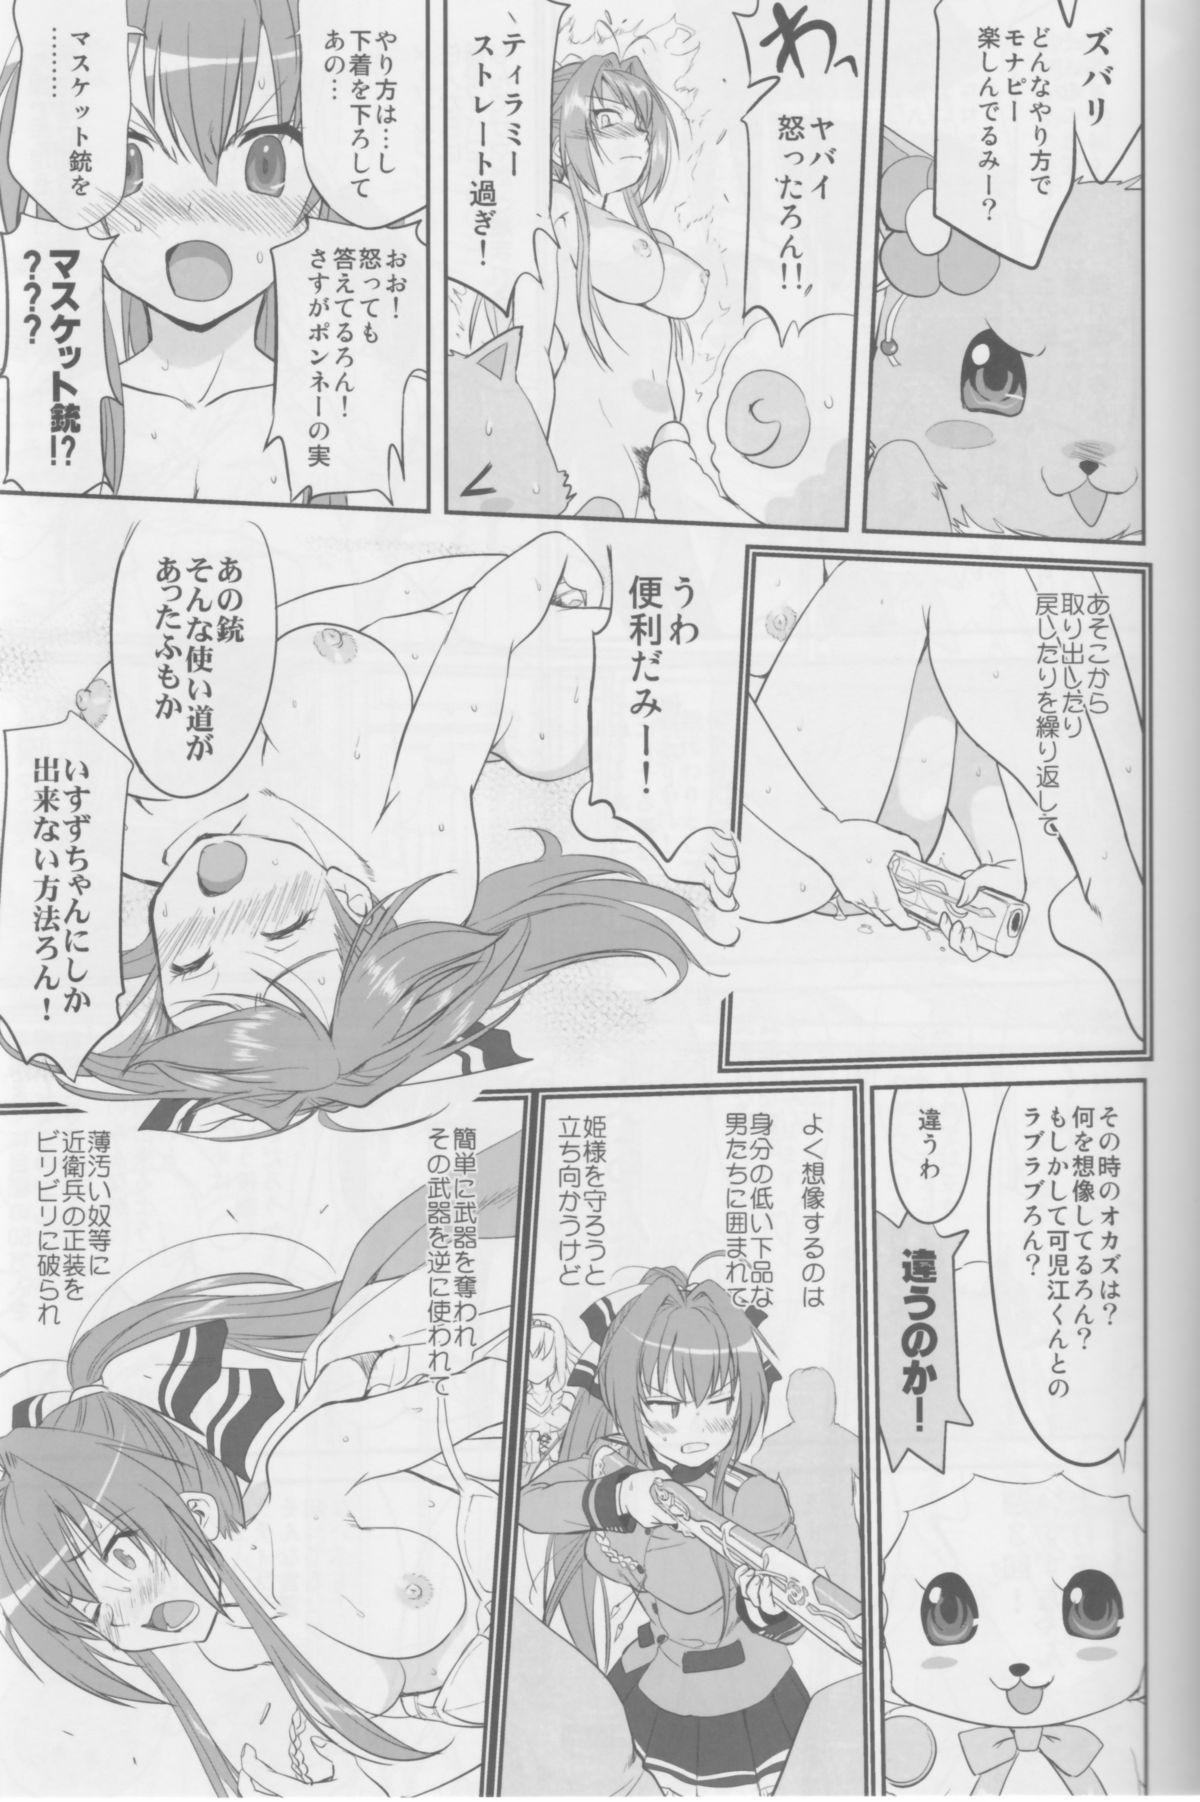 Amagi Strip Gekijou 27